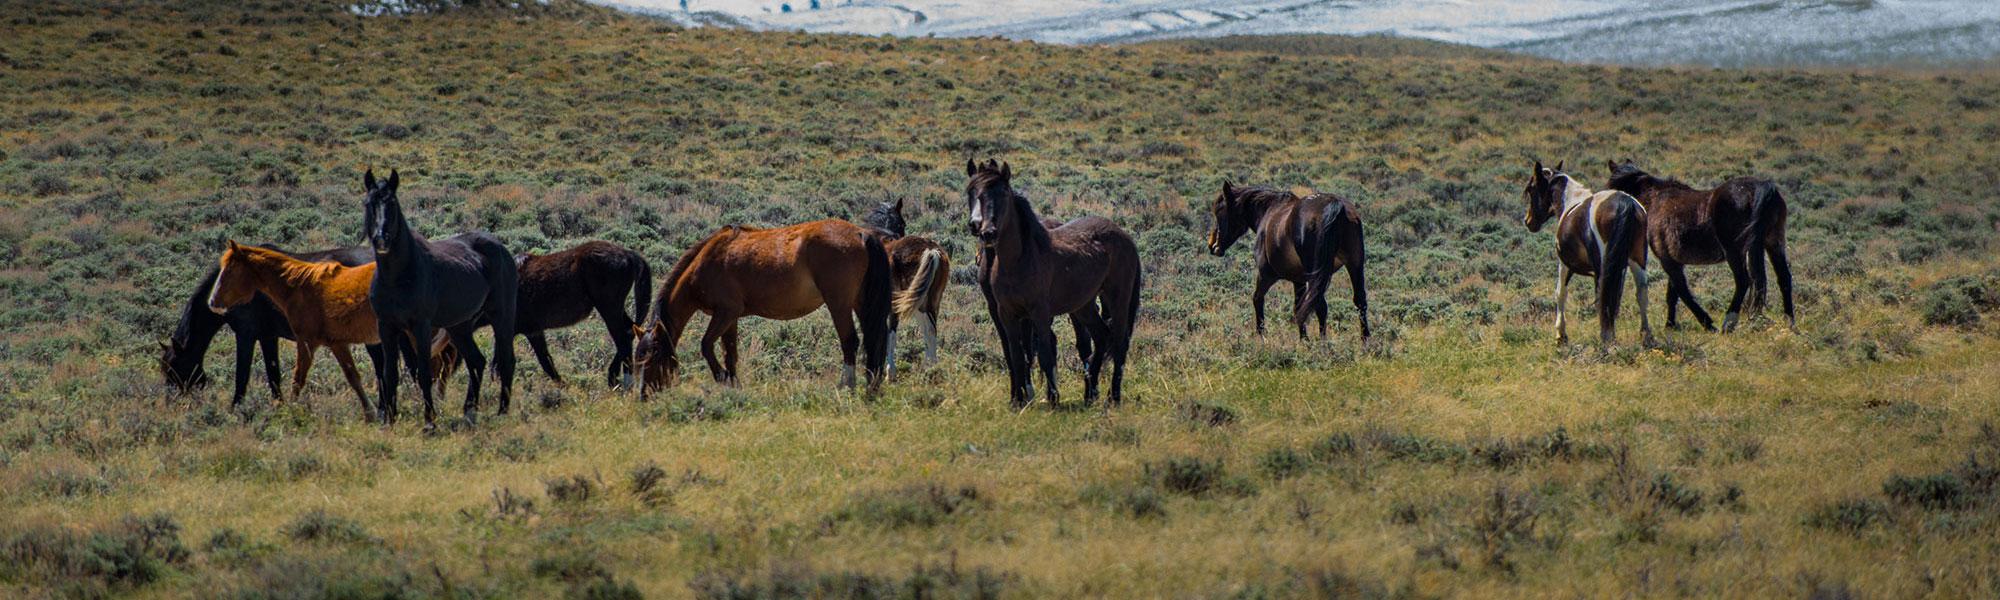 freilebende Mustangs